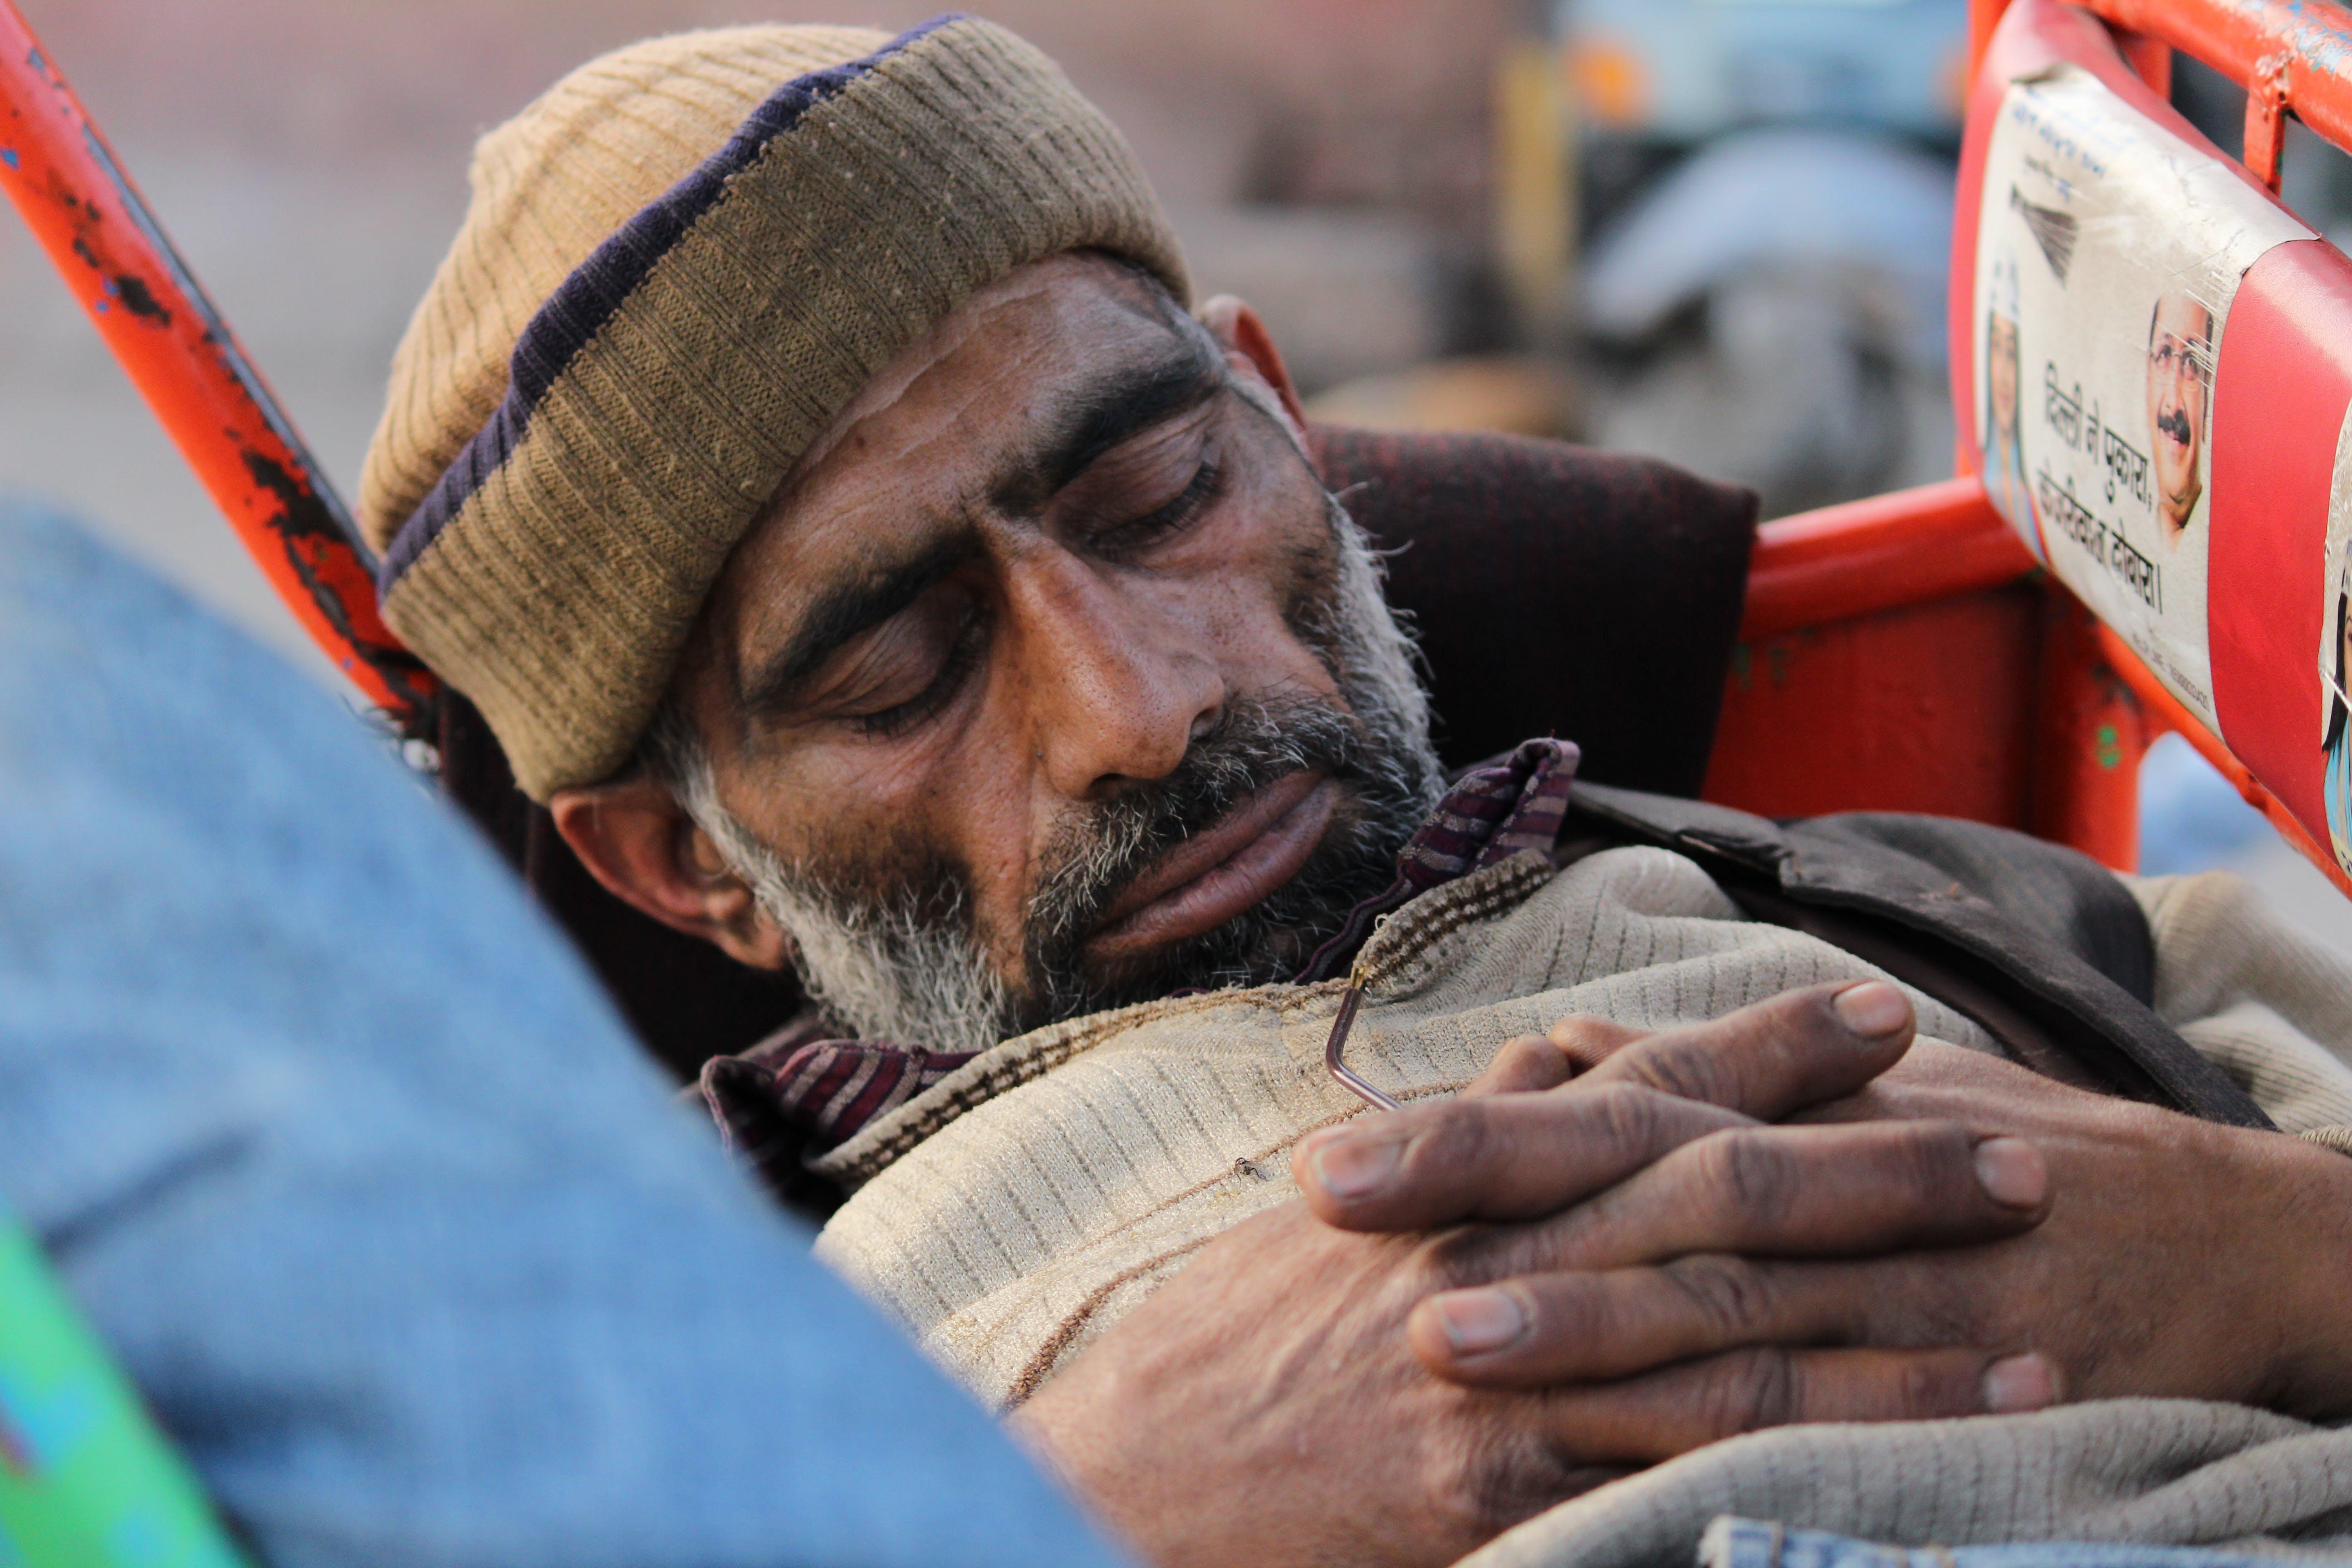 Closeup Photography of Man Sleeping